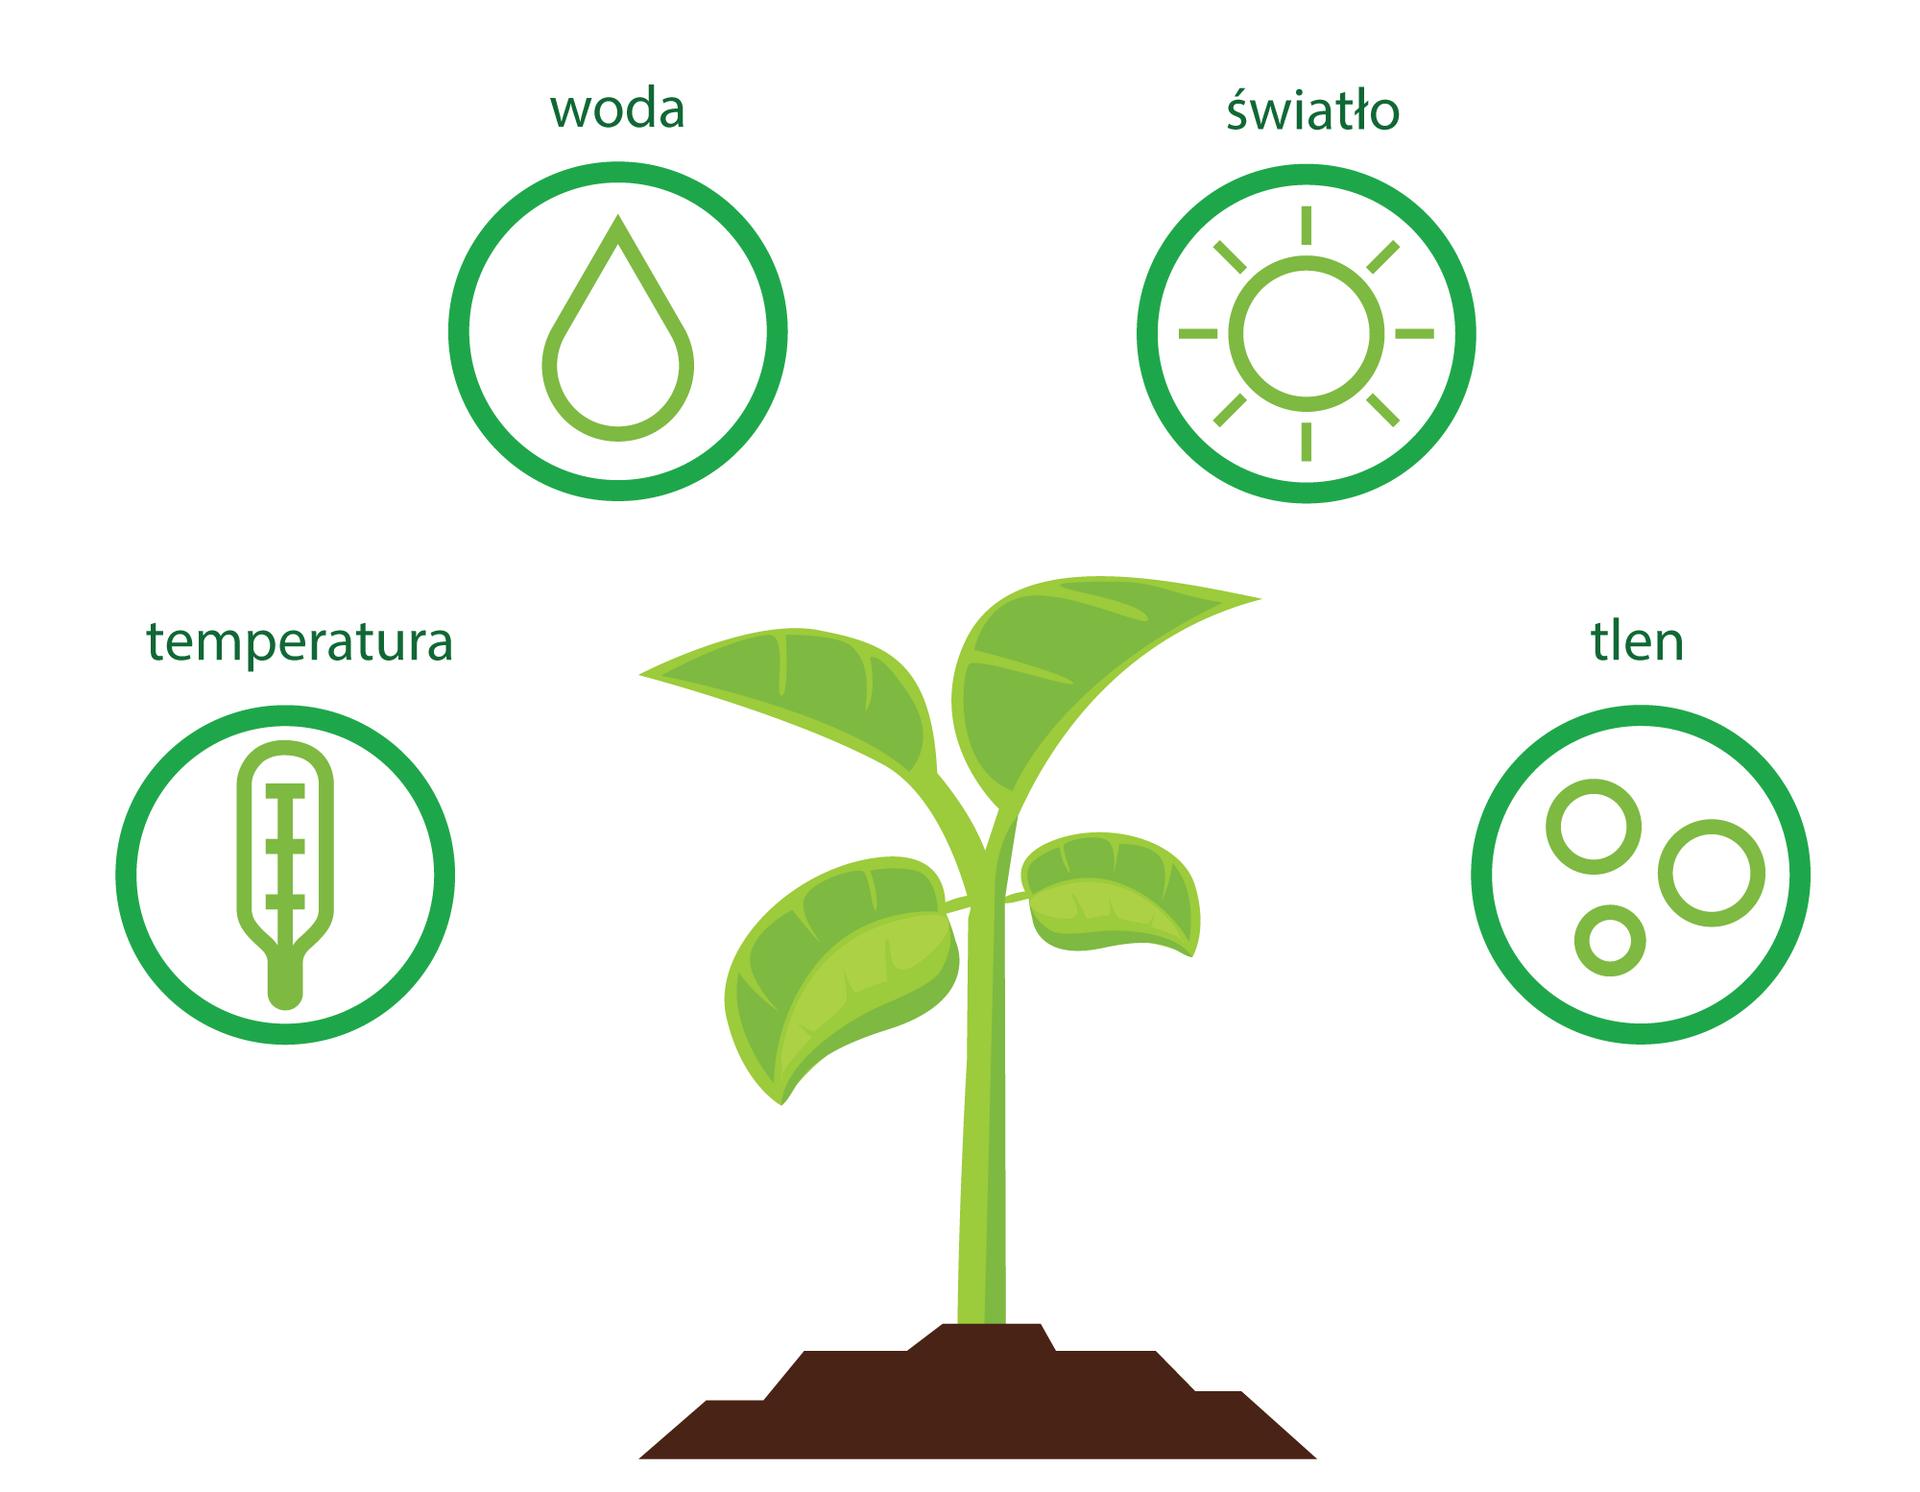 Ilustracja przedstawia centralnie umieszczoną, młodą, jasnozieloną roślinę na brązowej glebie. Wokół niej wczterech zielonych kółkach znajdują się piktogramy, oznaczające czynniki, które mają wpływ na kiełkowanie nasion.